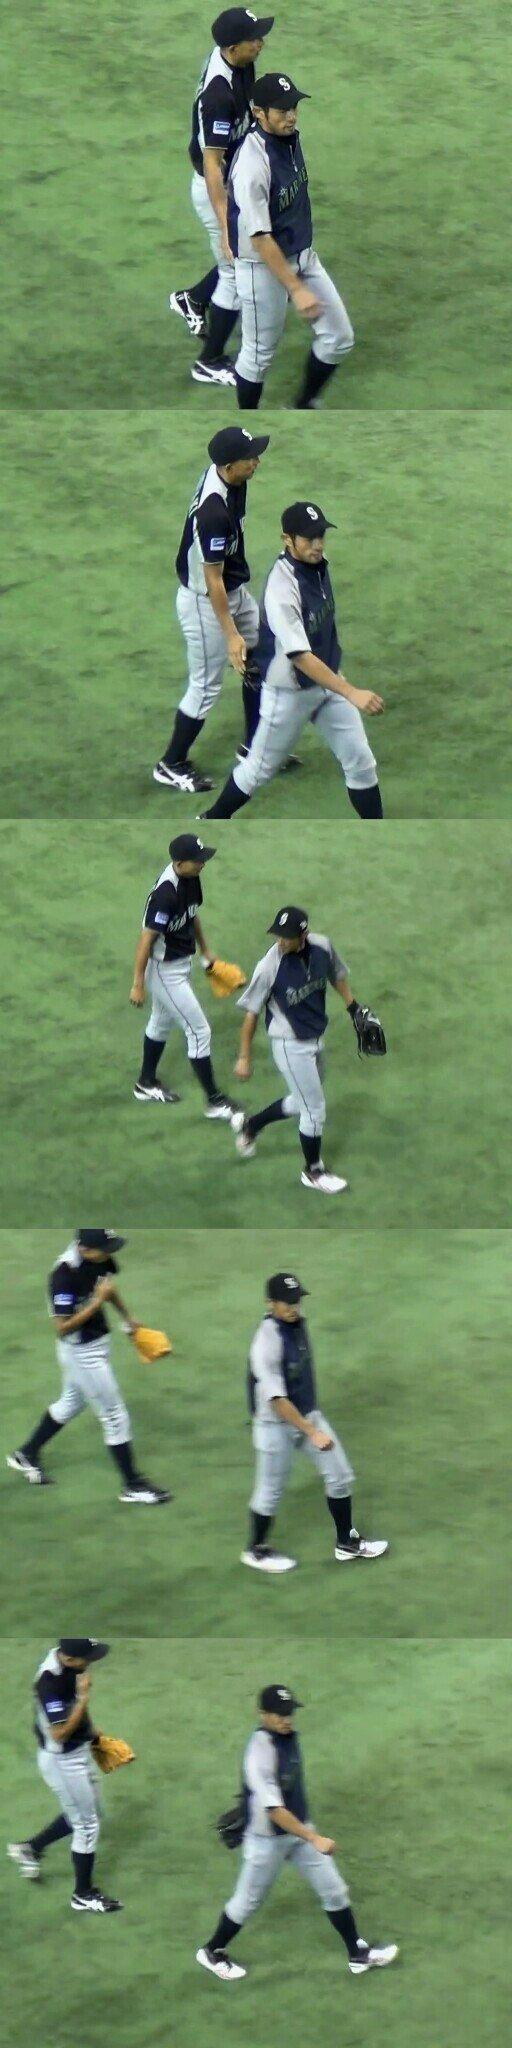 【奇行】川崎宗則さん、イチローの尻を触った手を舐める